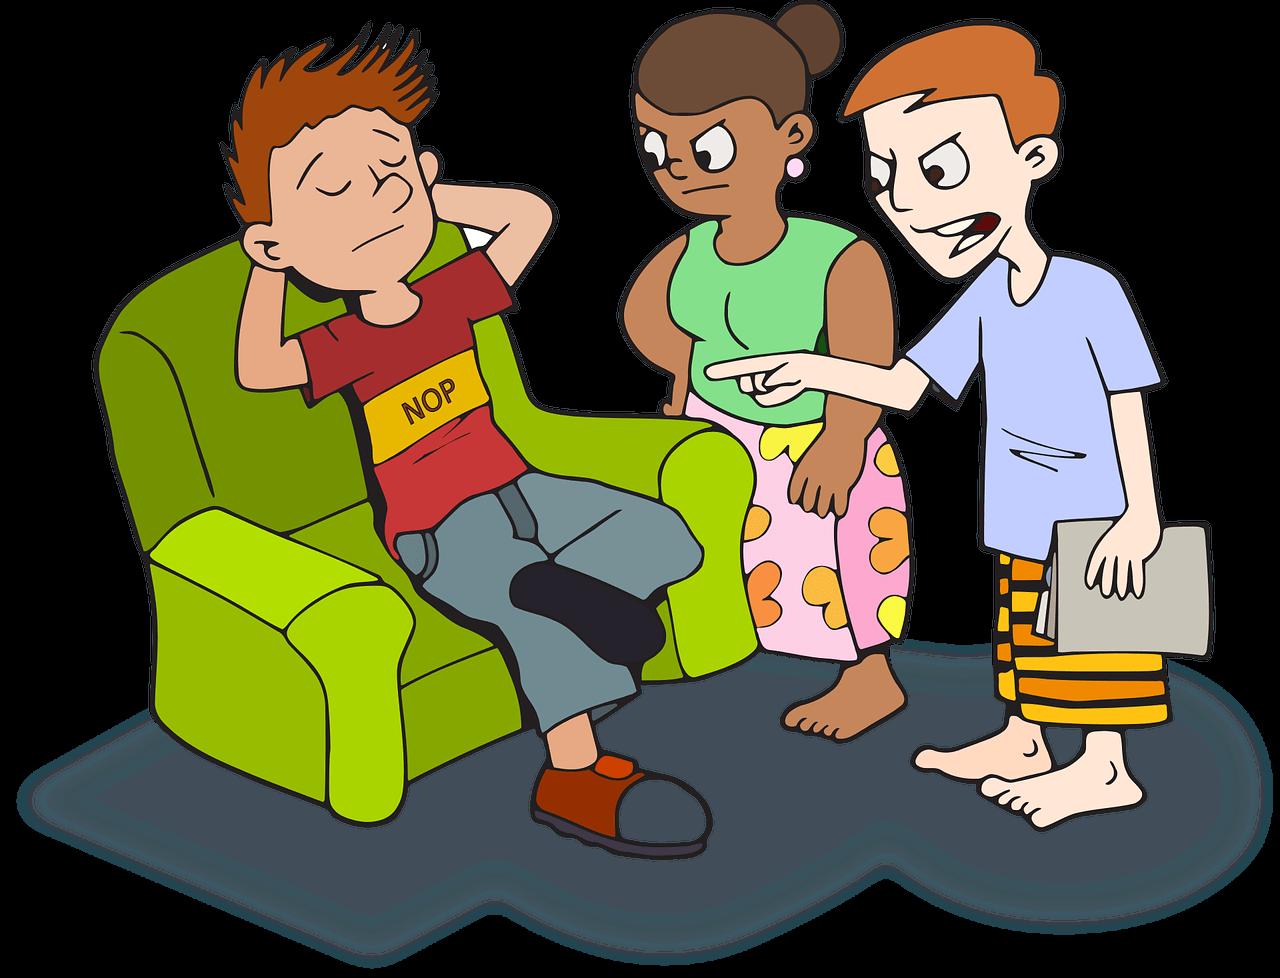 Țipatul la copil este frecvent considerat unul dintre instrumentele cu ajutorul cărora aceasta poate fi obținută mai rapid.